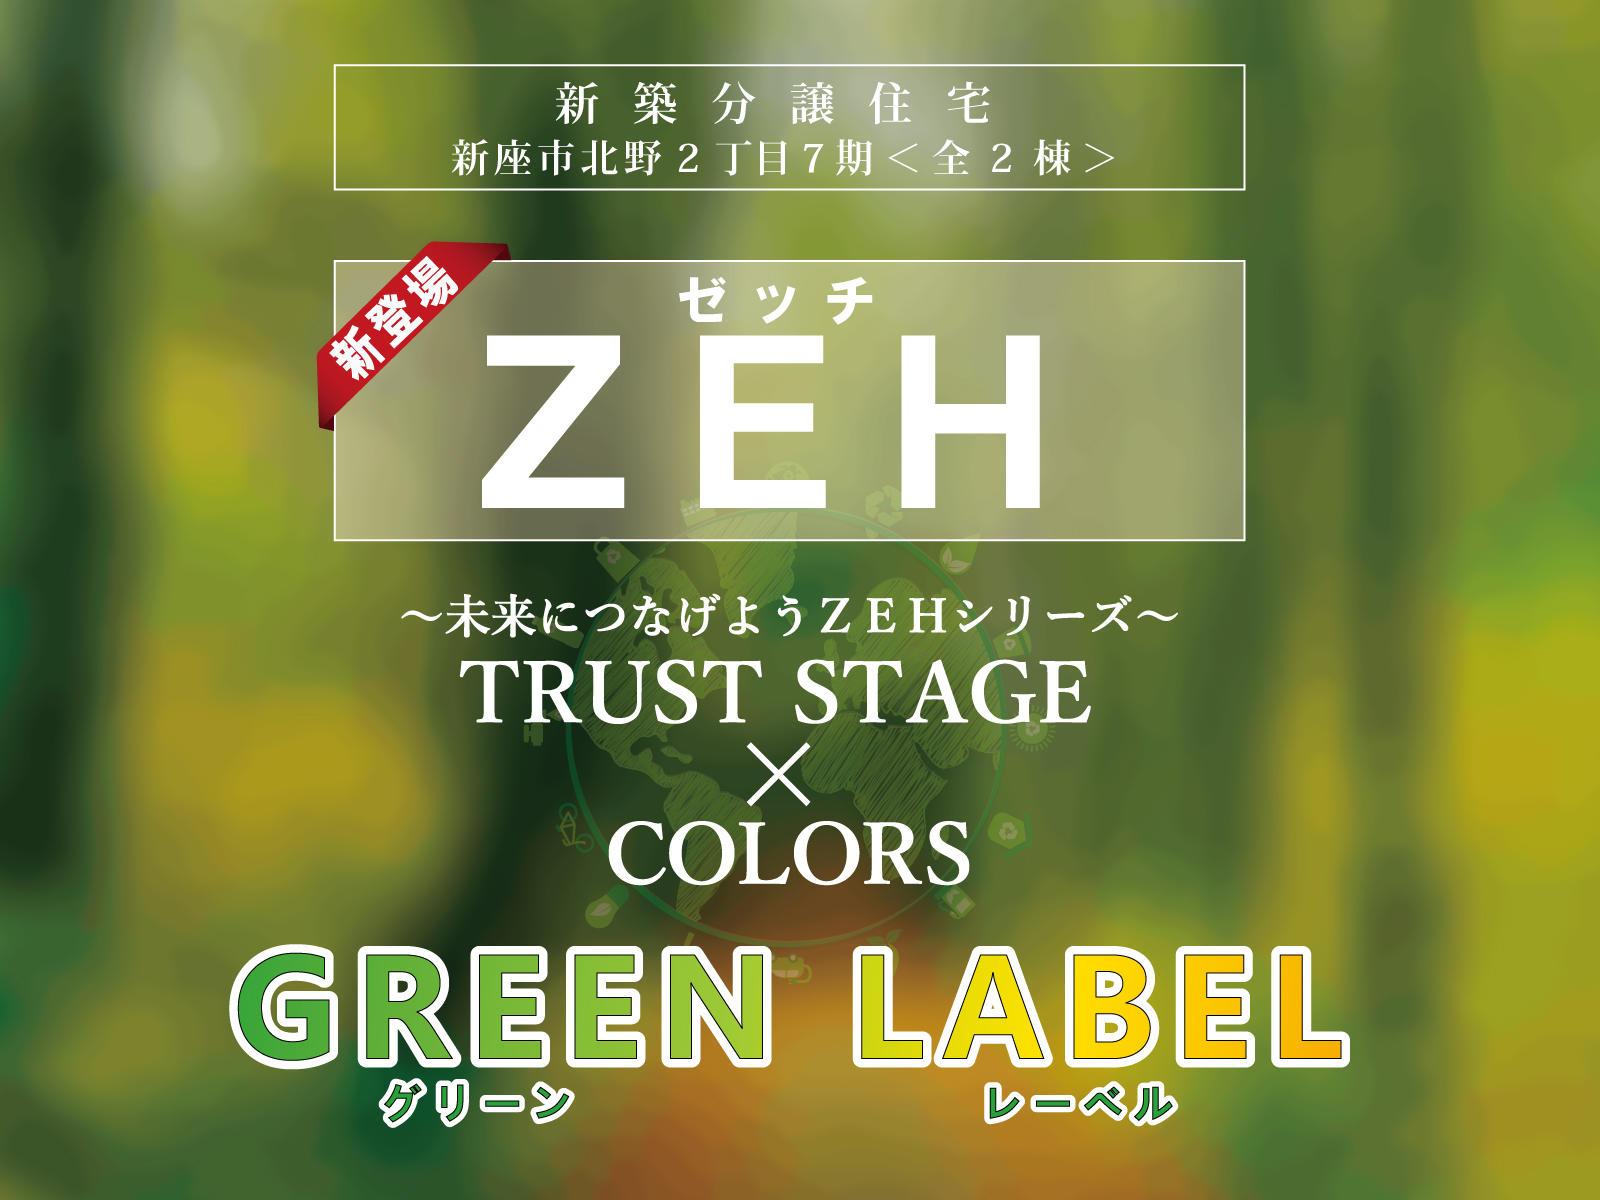 トラストステージ×カラーズ「GREEN LABEL」 新座市北野2丁目7期 全2棟